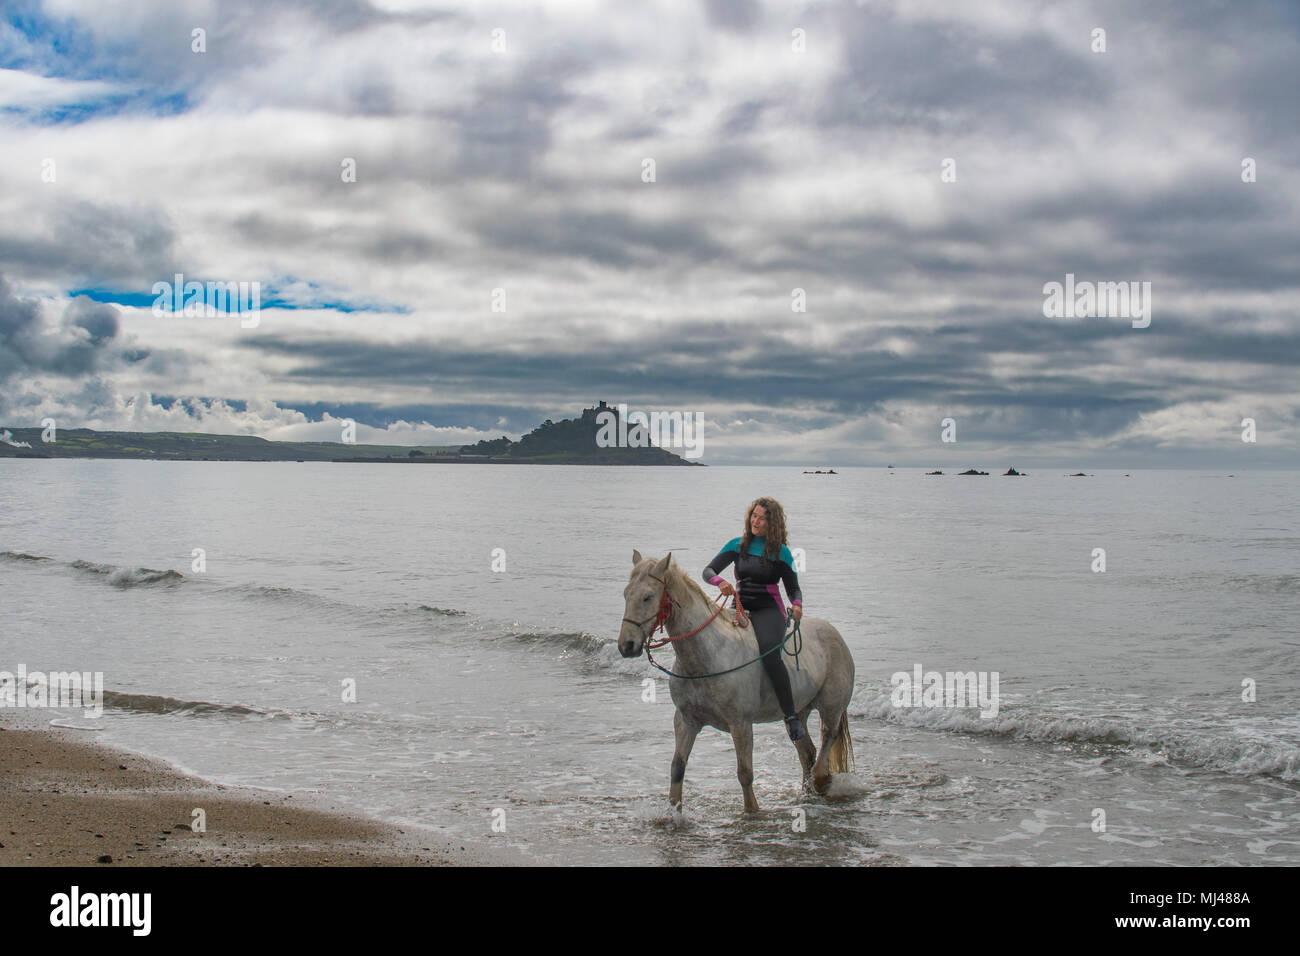 Pferde schwimmen im Meer bei langen Felsformation Cornwall, mit Reiter auf den Pferden. Stockbild